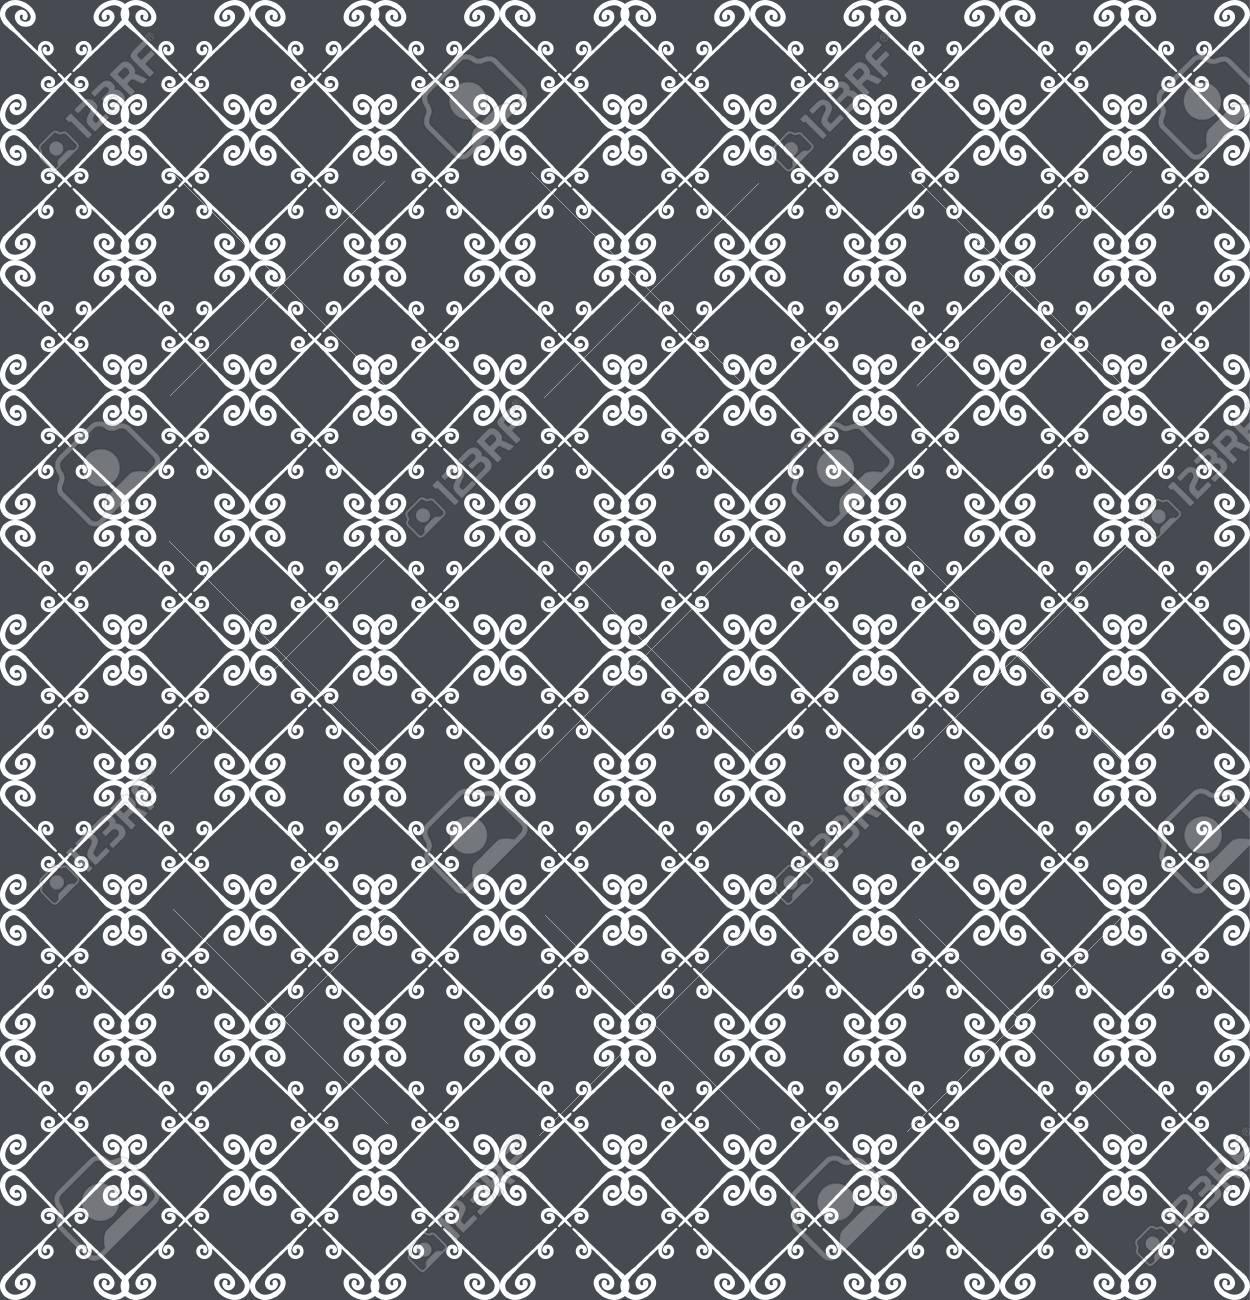 ornamental nahtlose muster graue und weie farben endlose vorlage fr tapeten textil - Tapete Muster Grau